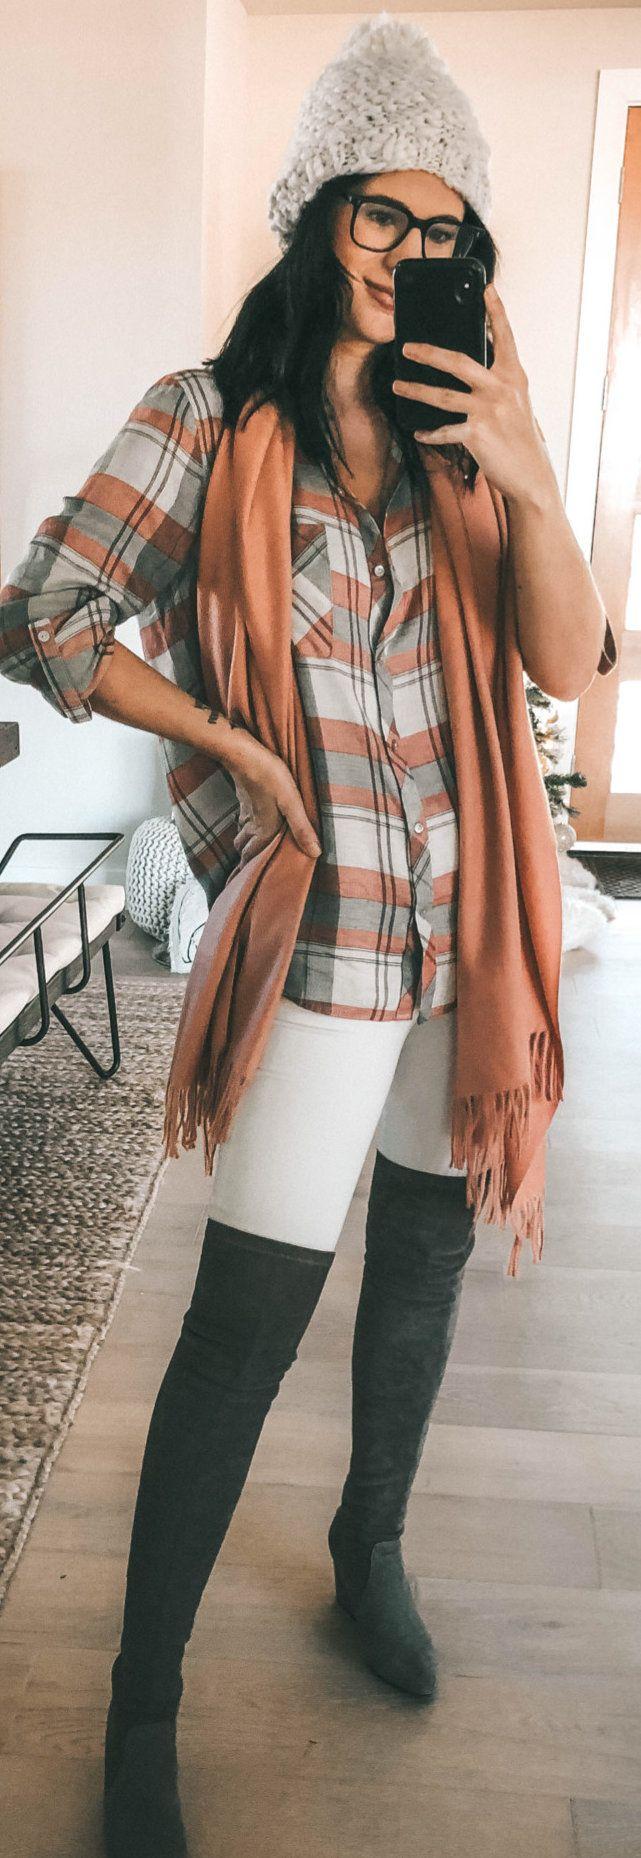 orange scarf with fringe